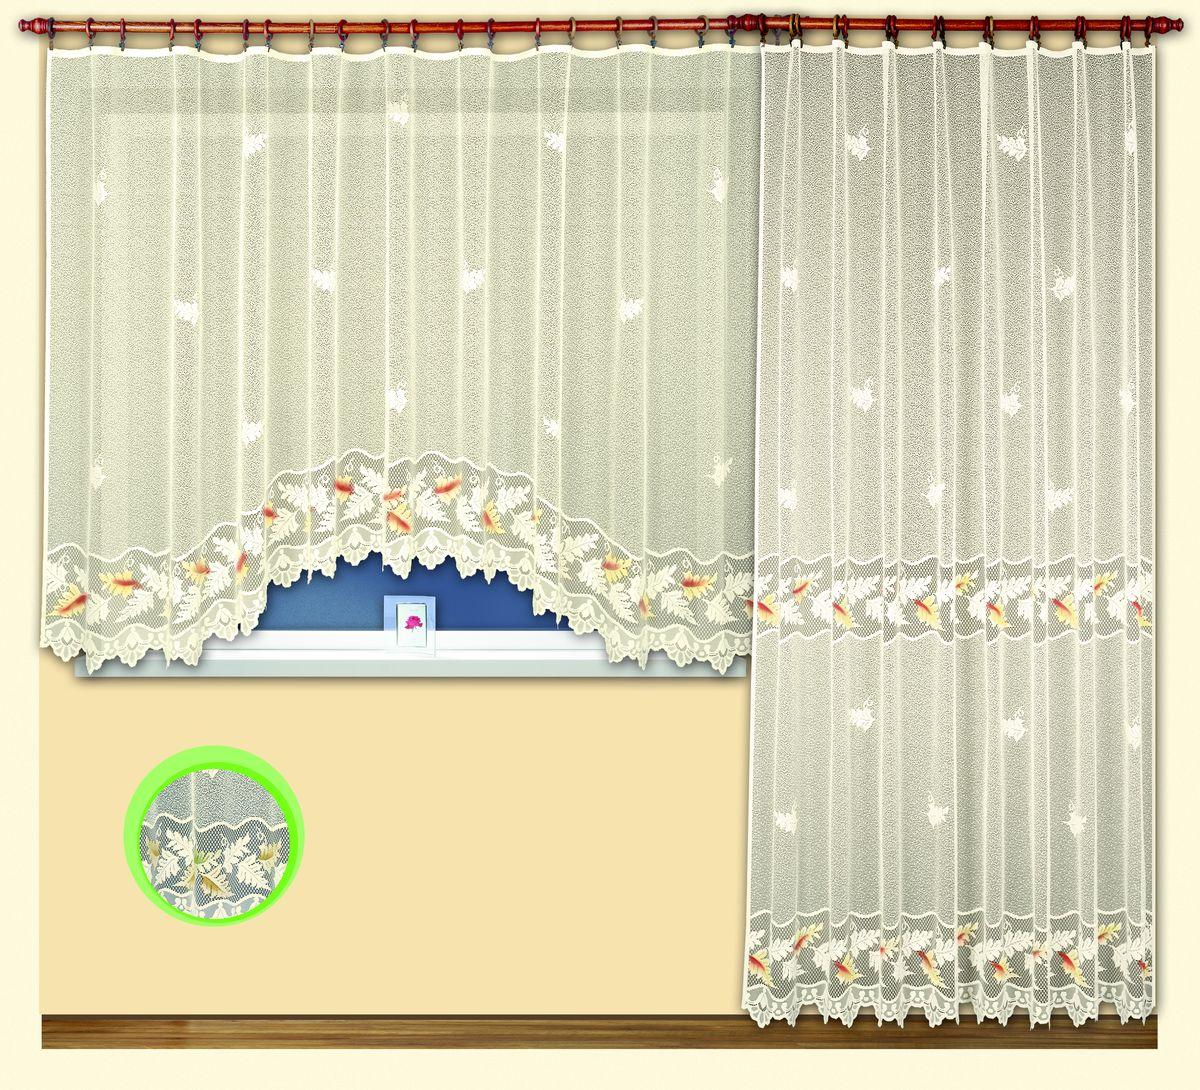 Комплект гардин для балконной двери Haft Magia Wzorow, на ленте, цвет: кремовый, высота 250 см. 3802238022Комплект гардин Haft Magia Wzorow изготовлен из полиэстера кремового цвета. В комплект входит короткая гардина для окна и длинная гардина для балконной двери. Тонкое плетение, оригинальный дизайн привлекут к себе внимание и органично впишутся в интерьер. Все элементы комплекта на шторной ленте для собирания в сборки. Комплект гардин Haft Magia Wzorow станет великолепным украшением балконного окна. К комплекту прилагается небольшая ажурная скатерть для журнального столика, выполненная из полиэстера кремового цвета в единой стилистике с гардинами. В комплект входит: Гардина для окна: 1 шт. Размер (Ш х В): 300 см х 160 см. Гардина для балконной двери: 1 шт. Размер (Ш х В): 200 см х 250 см. Скатерть: 1 шт. Размер: 99 см х 109 см. Главный ассортимент компании Haft - это тюль и занавески. Haft предлагает готовые решения для ваших окон, выпуская готовые наборы штор, которые остается только распаковать и повесить. Модельный ряд...